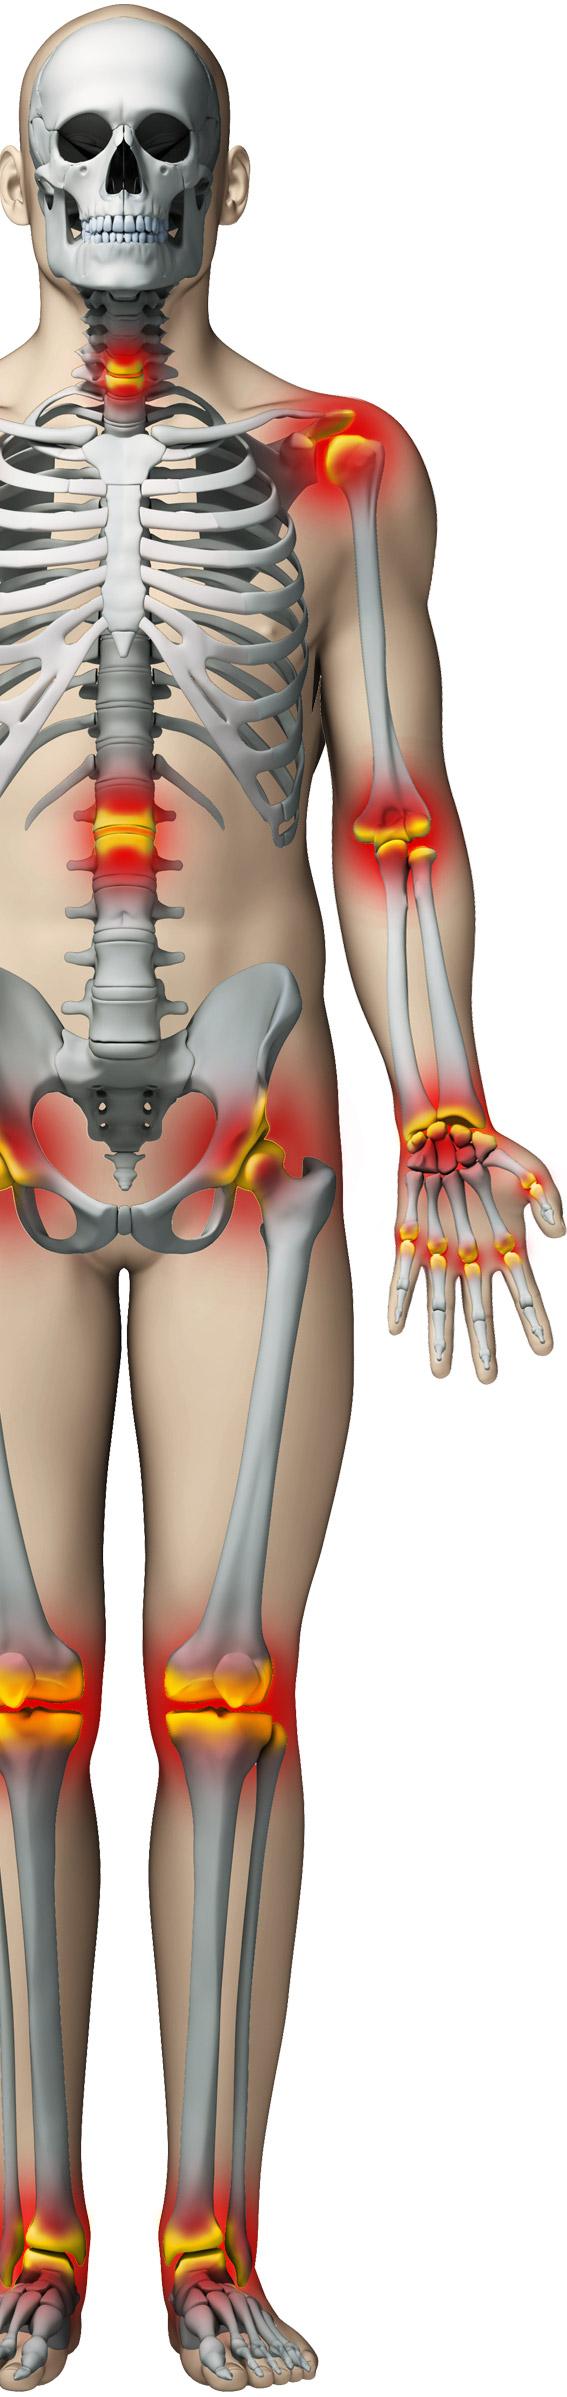 articulația genunchiului s-a dovedit cum se tratează artroza posttraumatică a articulației umărului